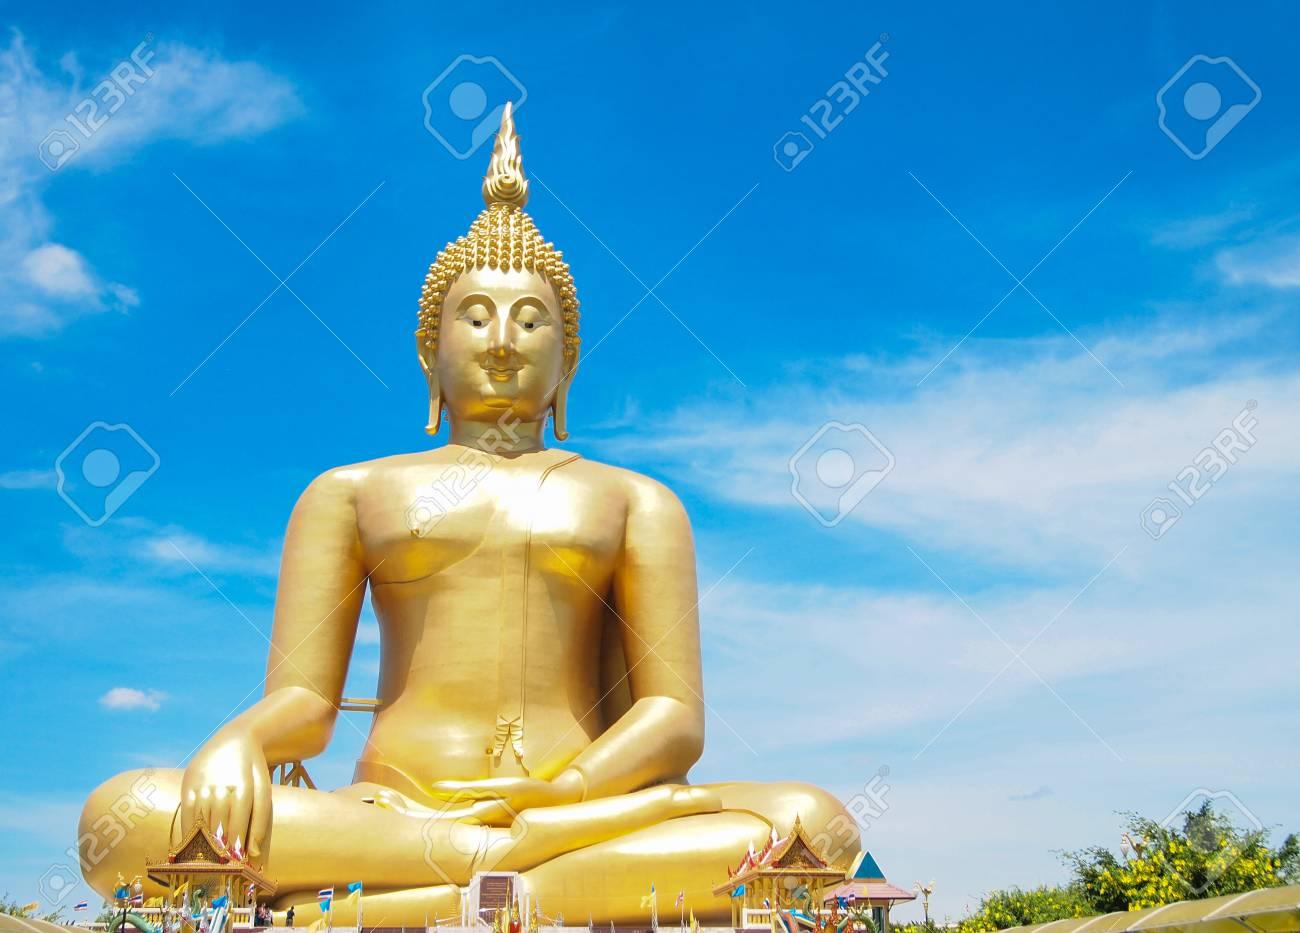 Big golden Buddha at Wat Muang of Ang Thong province Thailand Stock Photo - 28451084